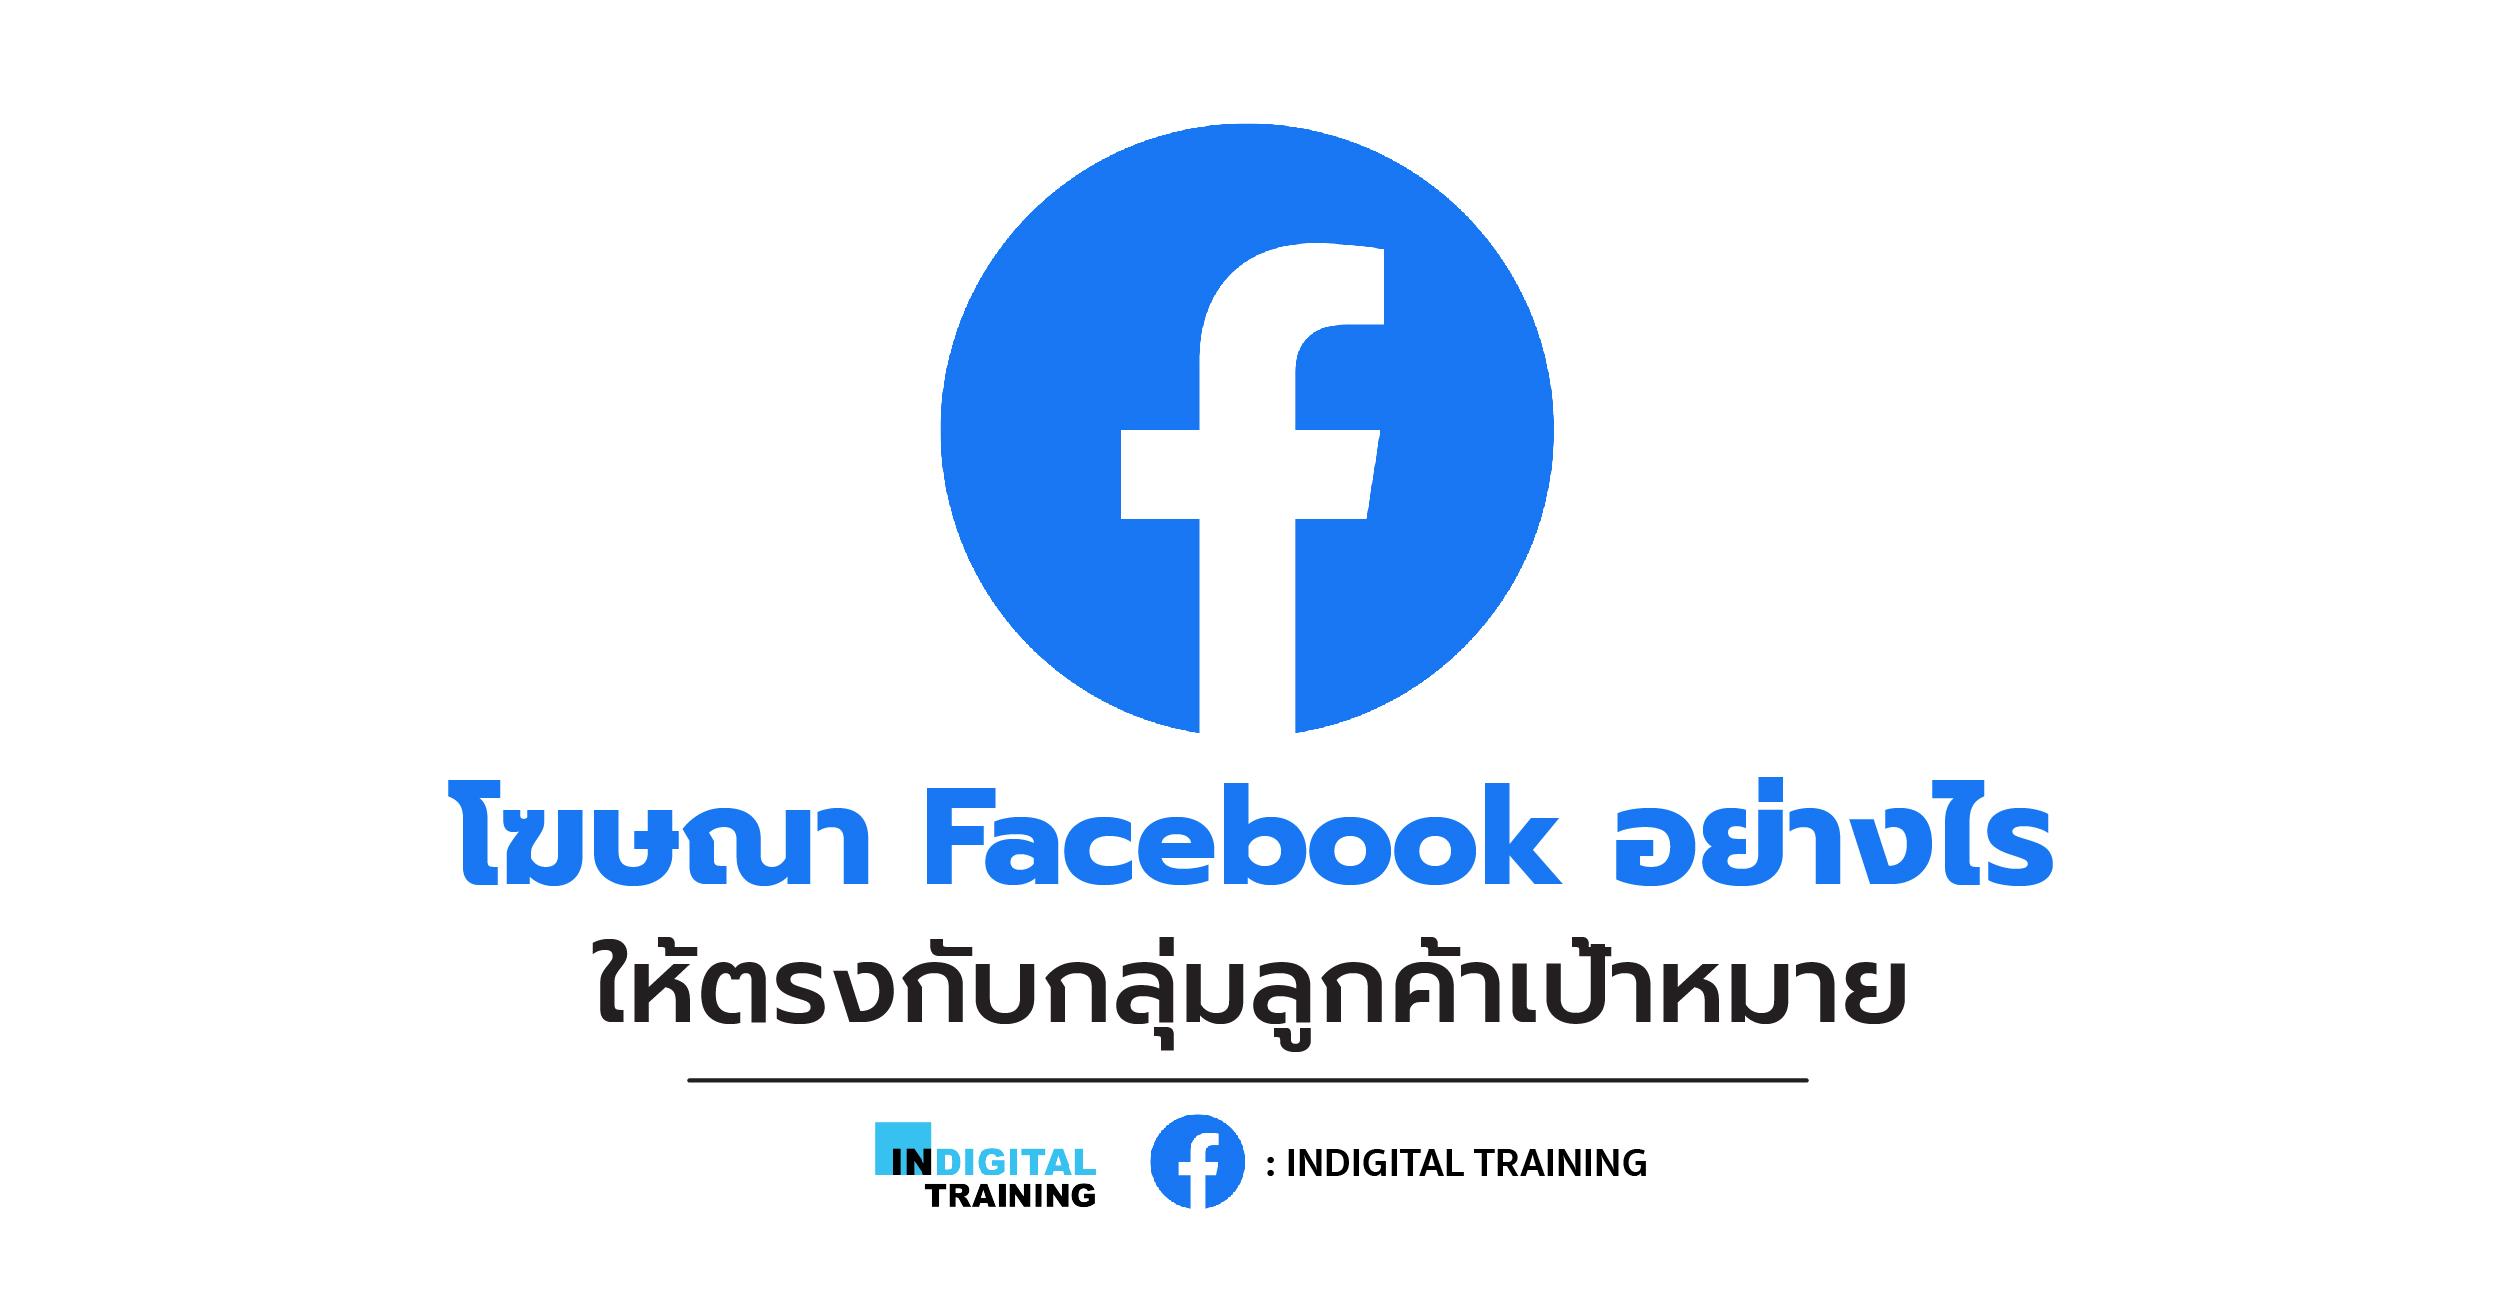 โฆษณา Facebook อย่างไร ให้ตรงกับกลุ่มลูกค้าเป้าหมาย